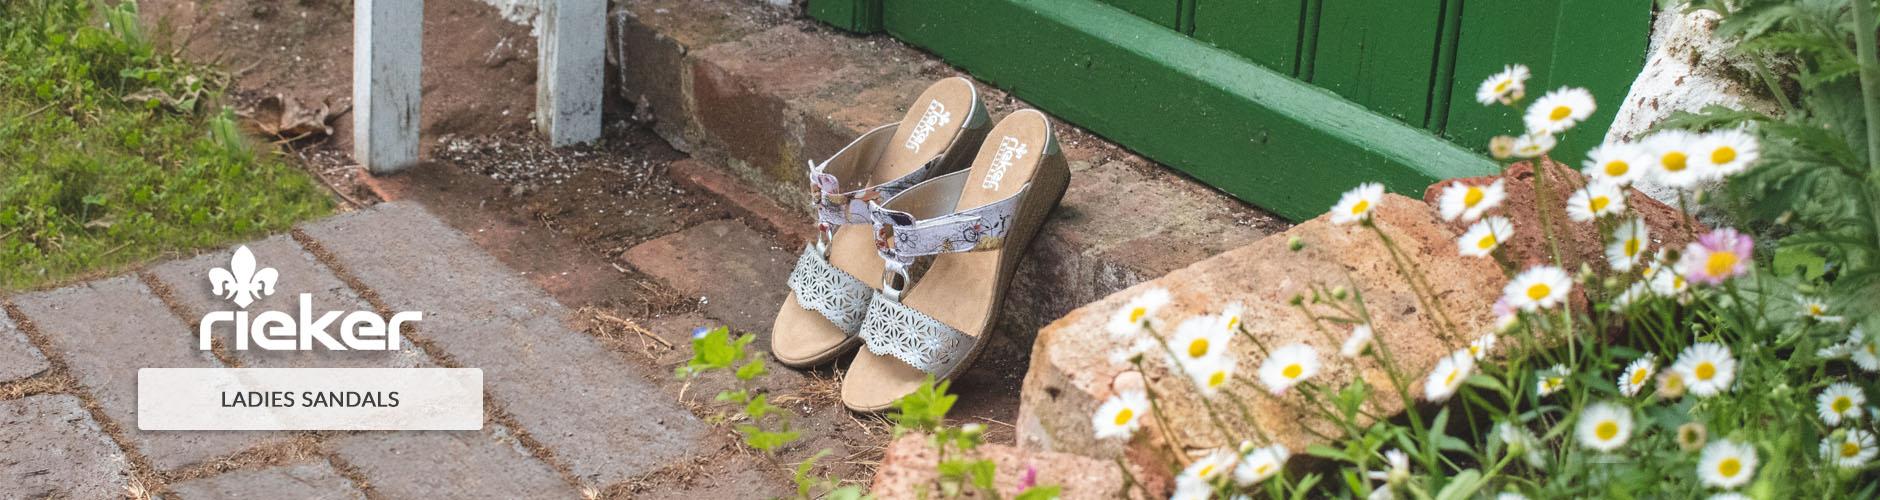 Ladies Rieker Shoes and Sandals Shop Now